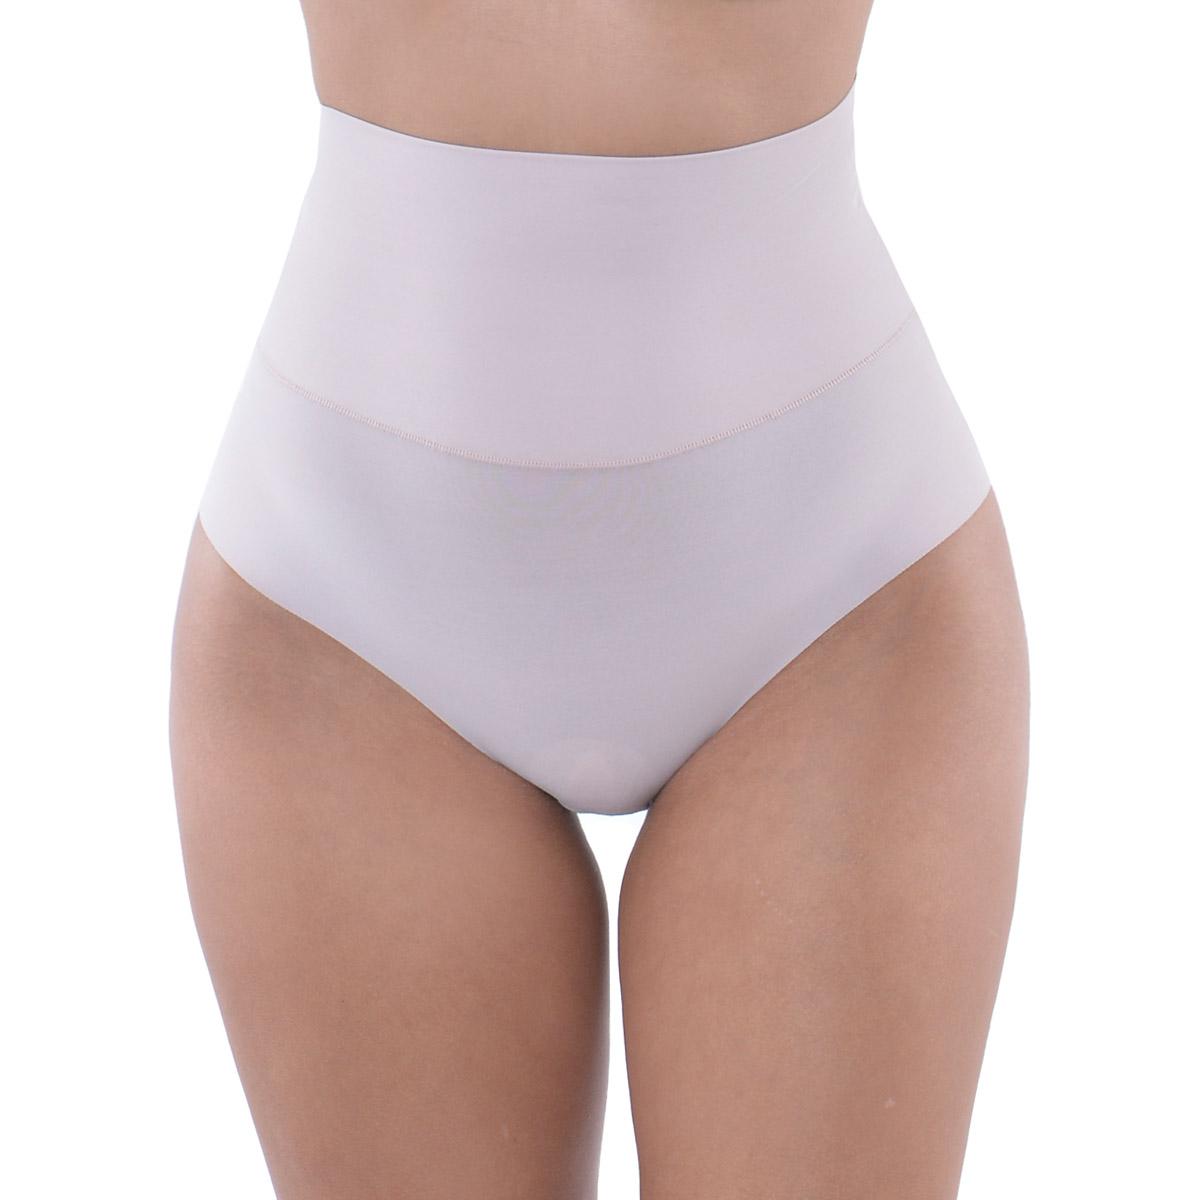 Calcinha sem costura Hot Pant Nayane Rodrigues